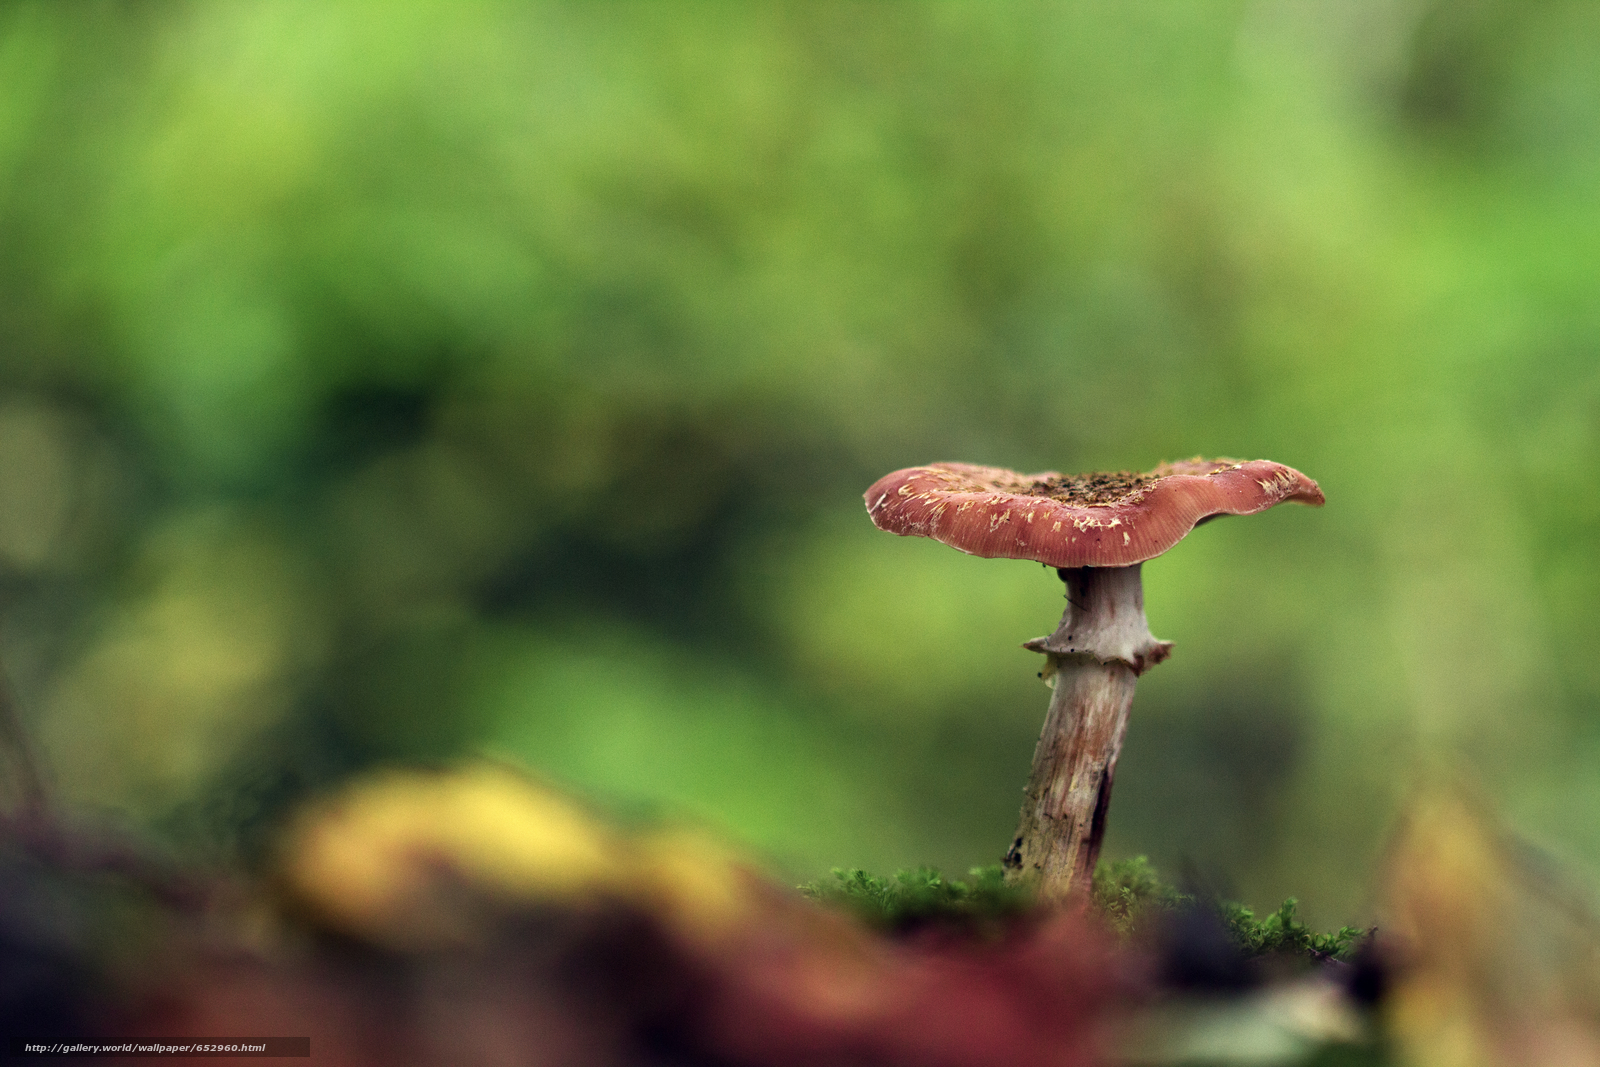 下载壁纸 蘑菇,  蘑菇,  宏 免费为您的桌面分辨率的壁纸 5184x3456 — 图片 №652960